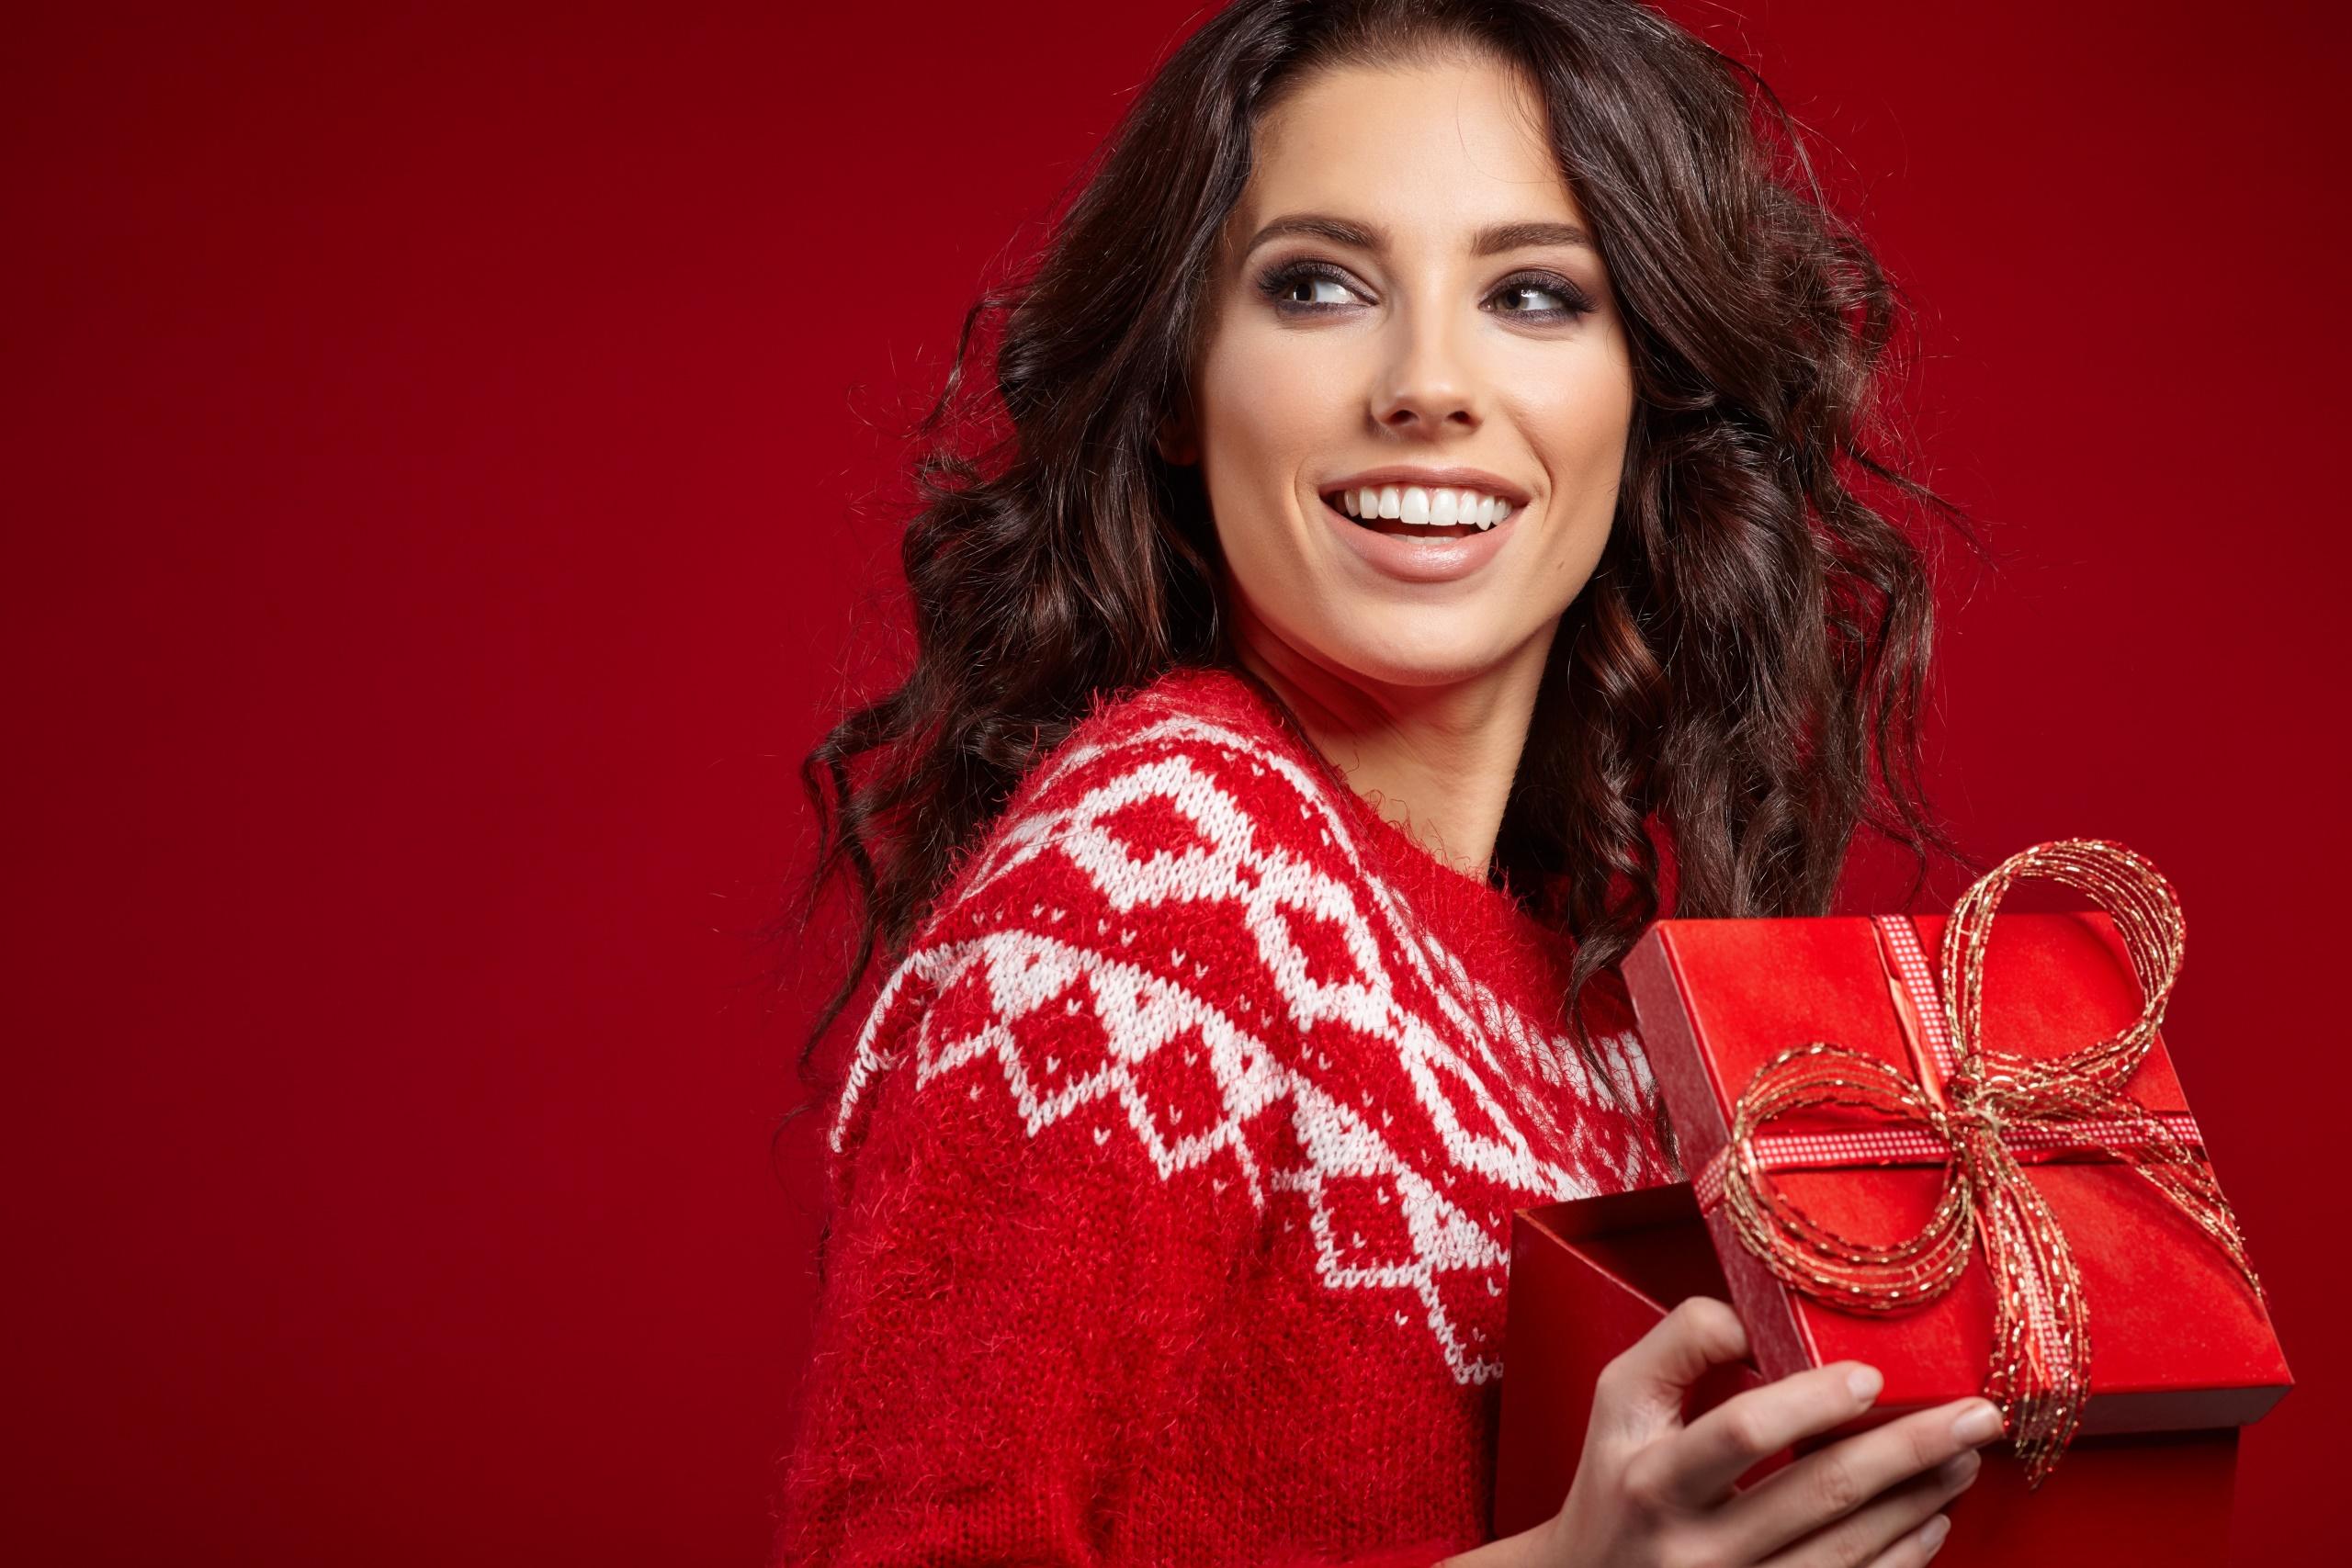 Geschenke Weihnachten Frau.Hintergrundbilder Geschenke Weihnachten Roter Hintergrund Frau